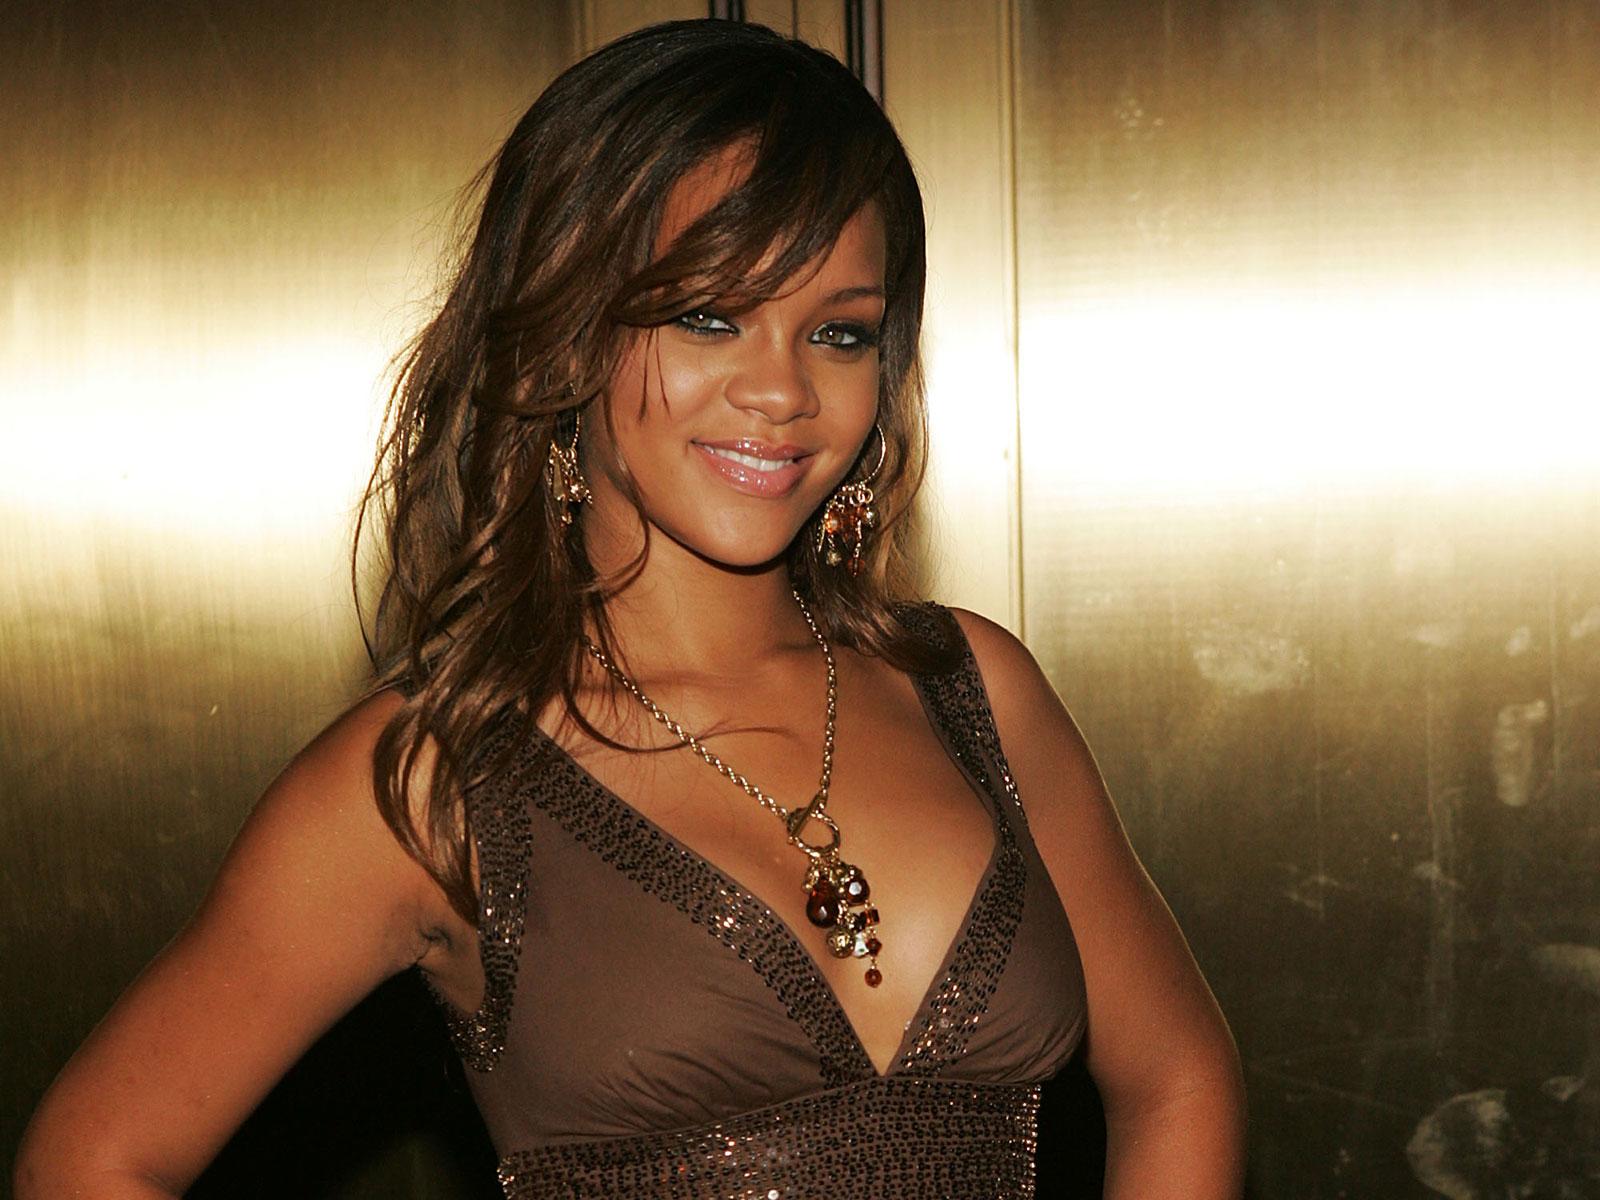 http://1.bp.blogspot.com/-qTk37H8xH8g/Tepr9rjK3JI/AAAAAAAADjw/mZl_3Vd945E/s1600/Rihanna%2BWallpapers.jpg